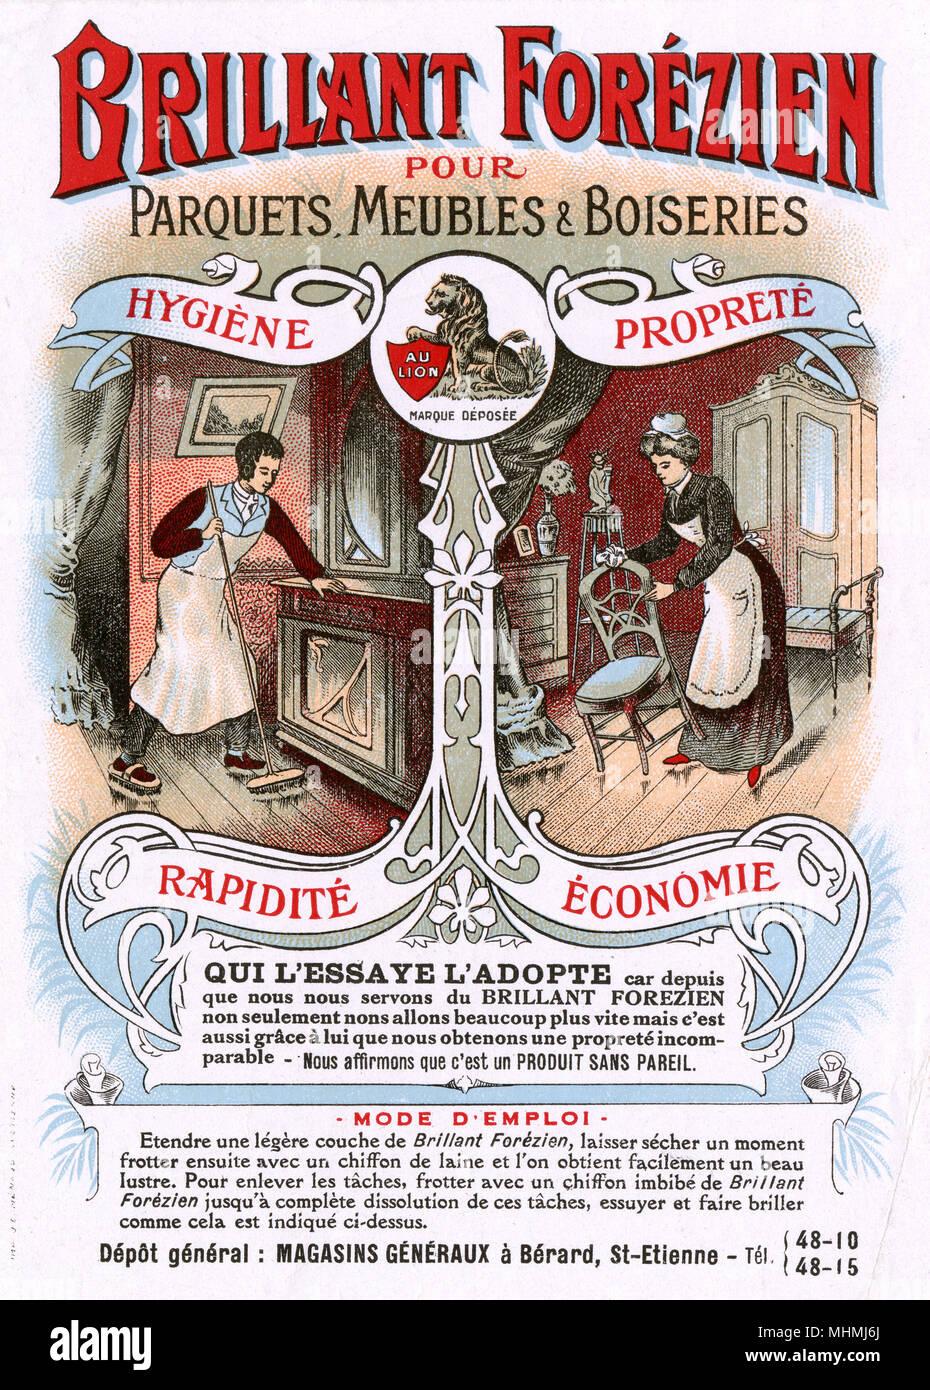 Zwei Diener zu finden, dass ihre Arbeit von Polieren Möbel sauberer, schneller und sparsamer Dank BRILLANT FOREZIEN Datum: ca. 1900 hergestellt ist Stockbild